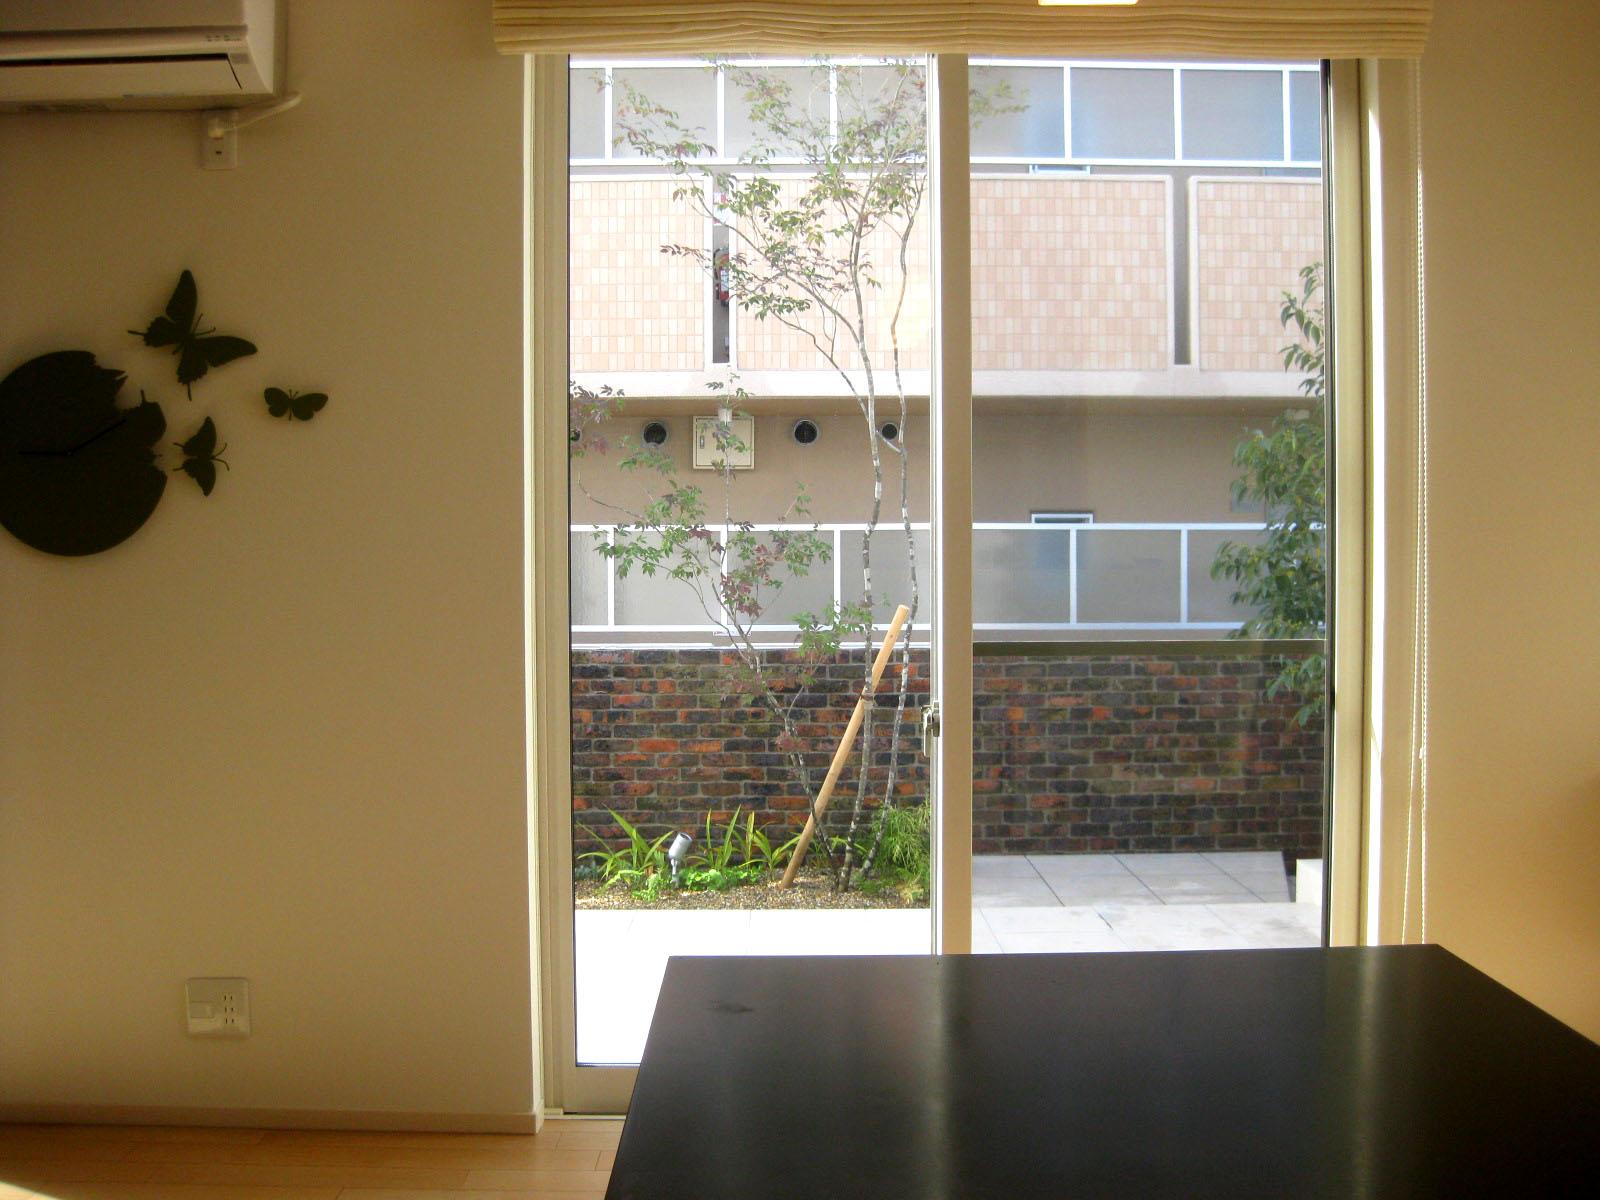 室内キッチン・ダイニングから眺めたお庭